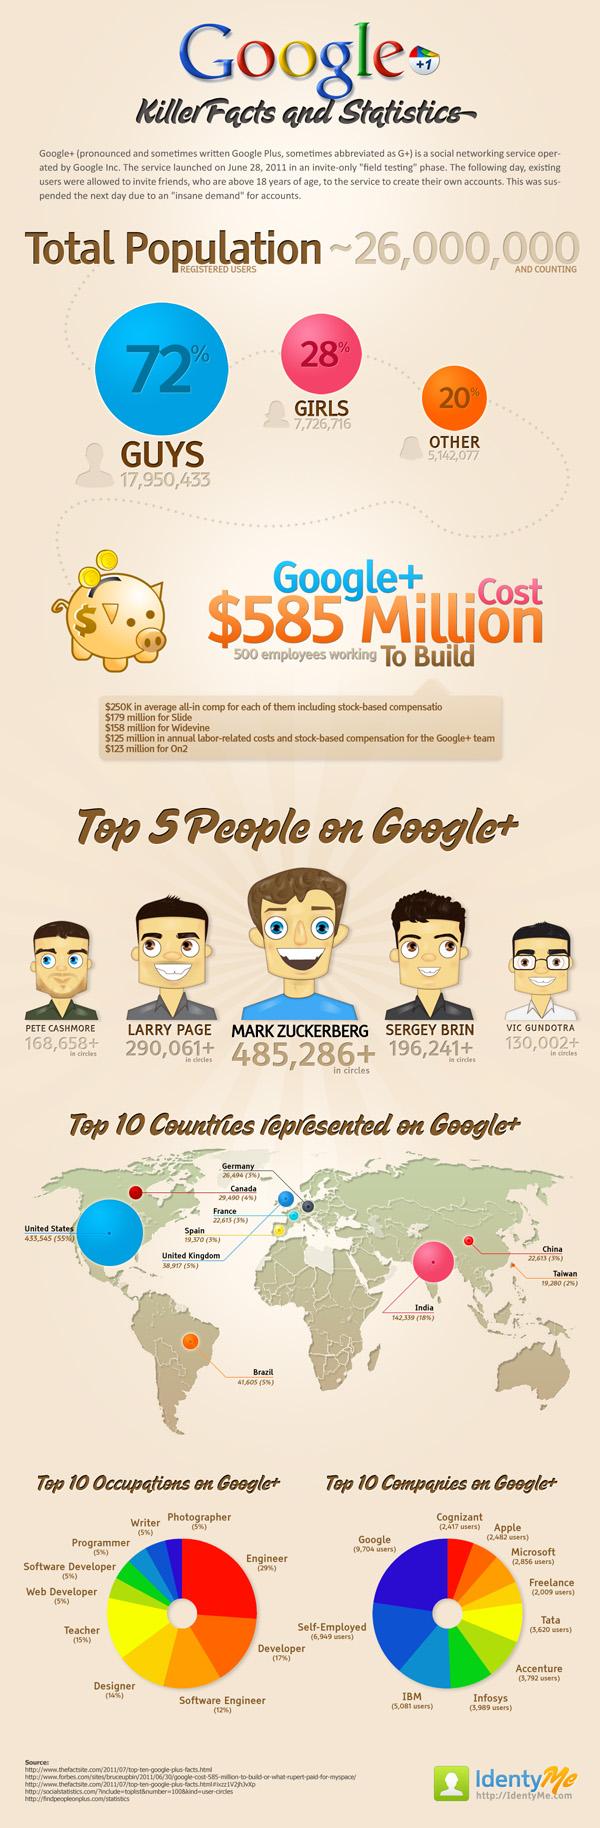 infografic google plus la nivel de tara